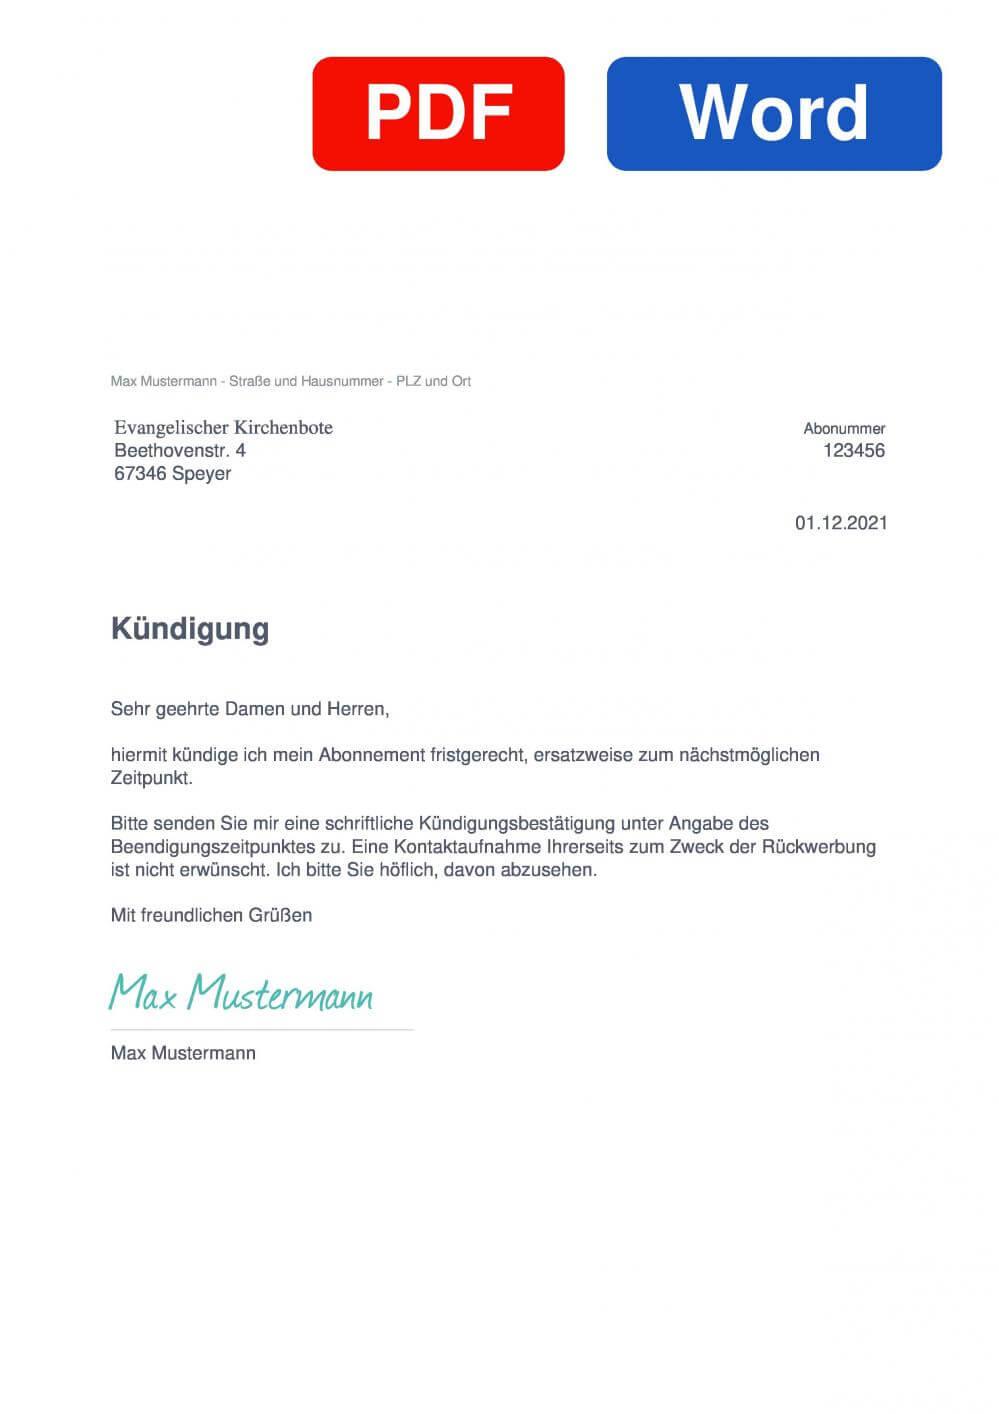 Evangelischer Kirchenbote Muster Vorlage für Kündigungsschreiben